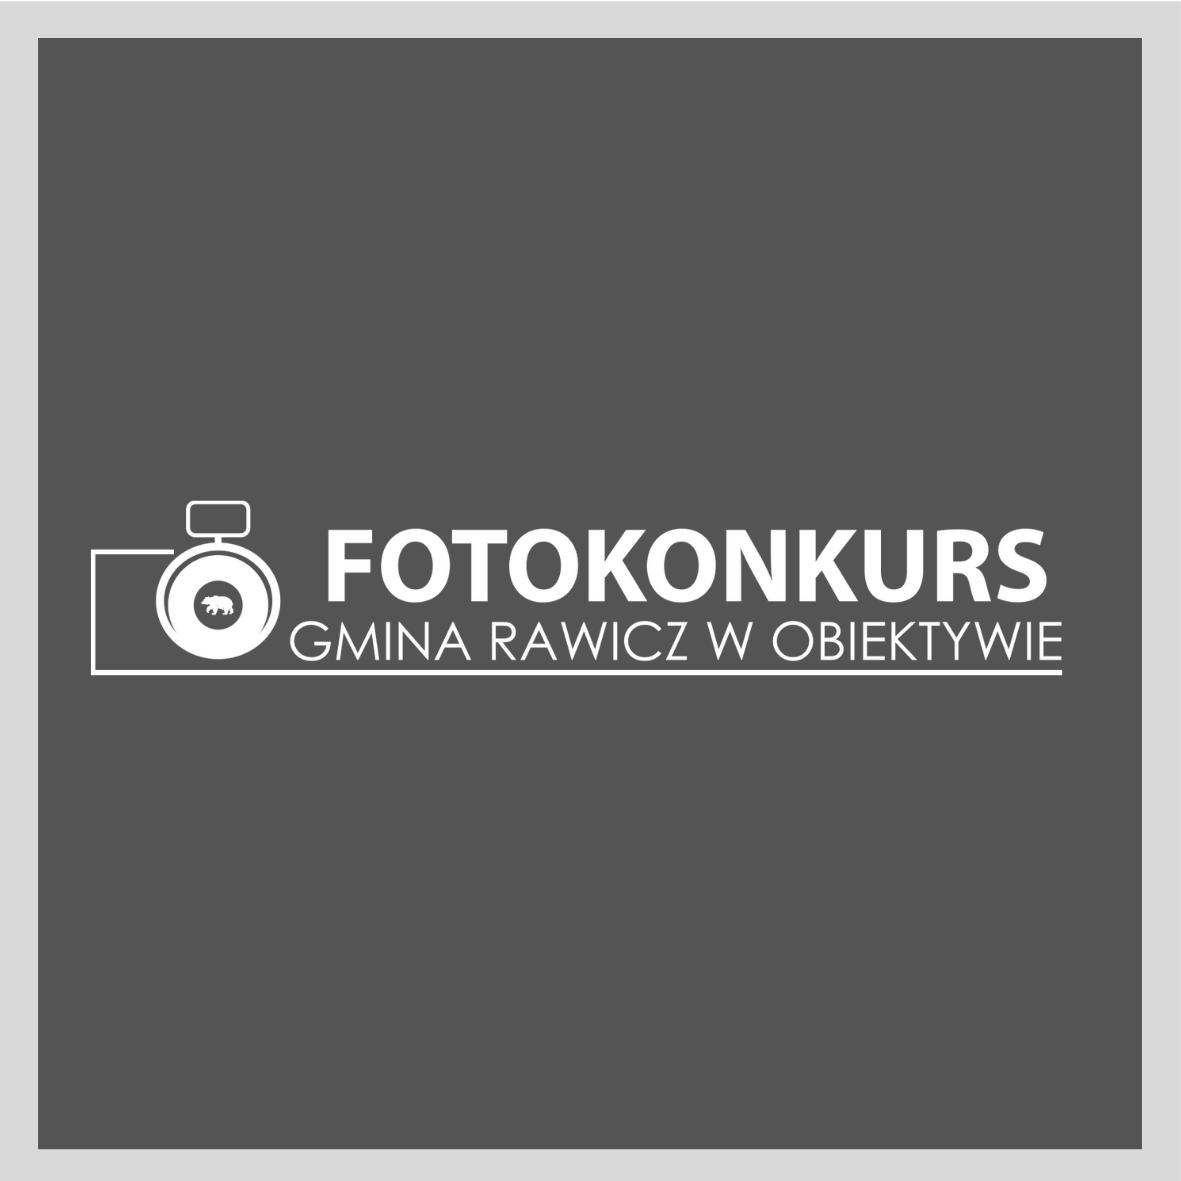 konkurs fotograficzny laureaci ogłoszenie wyników 2020